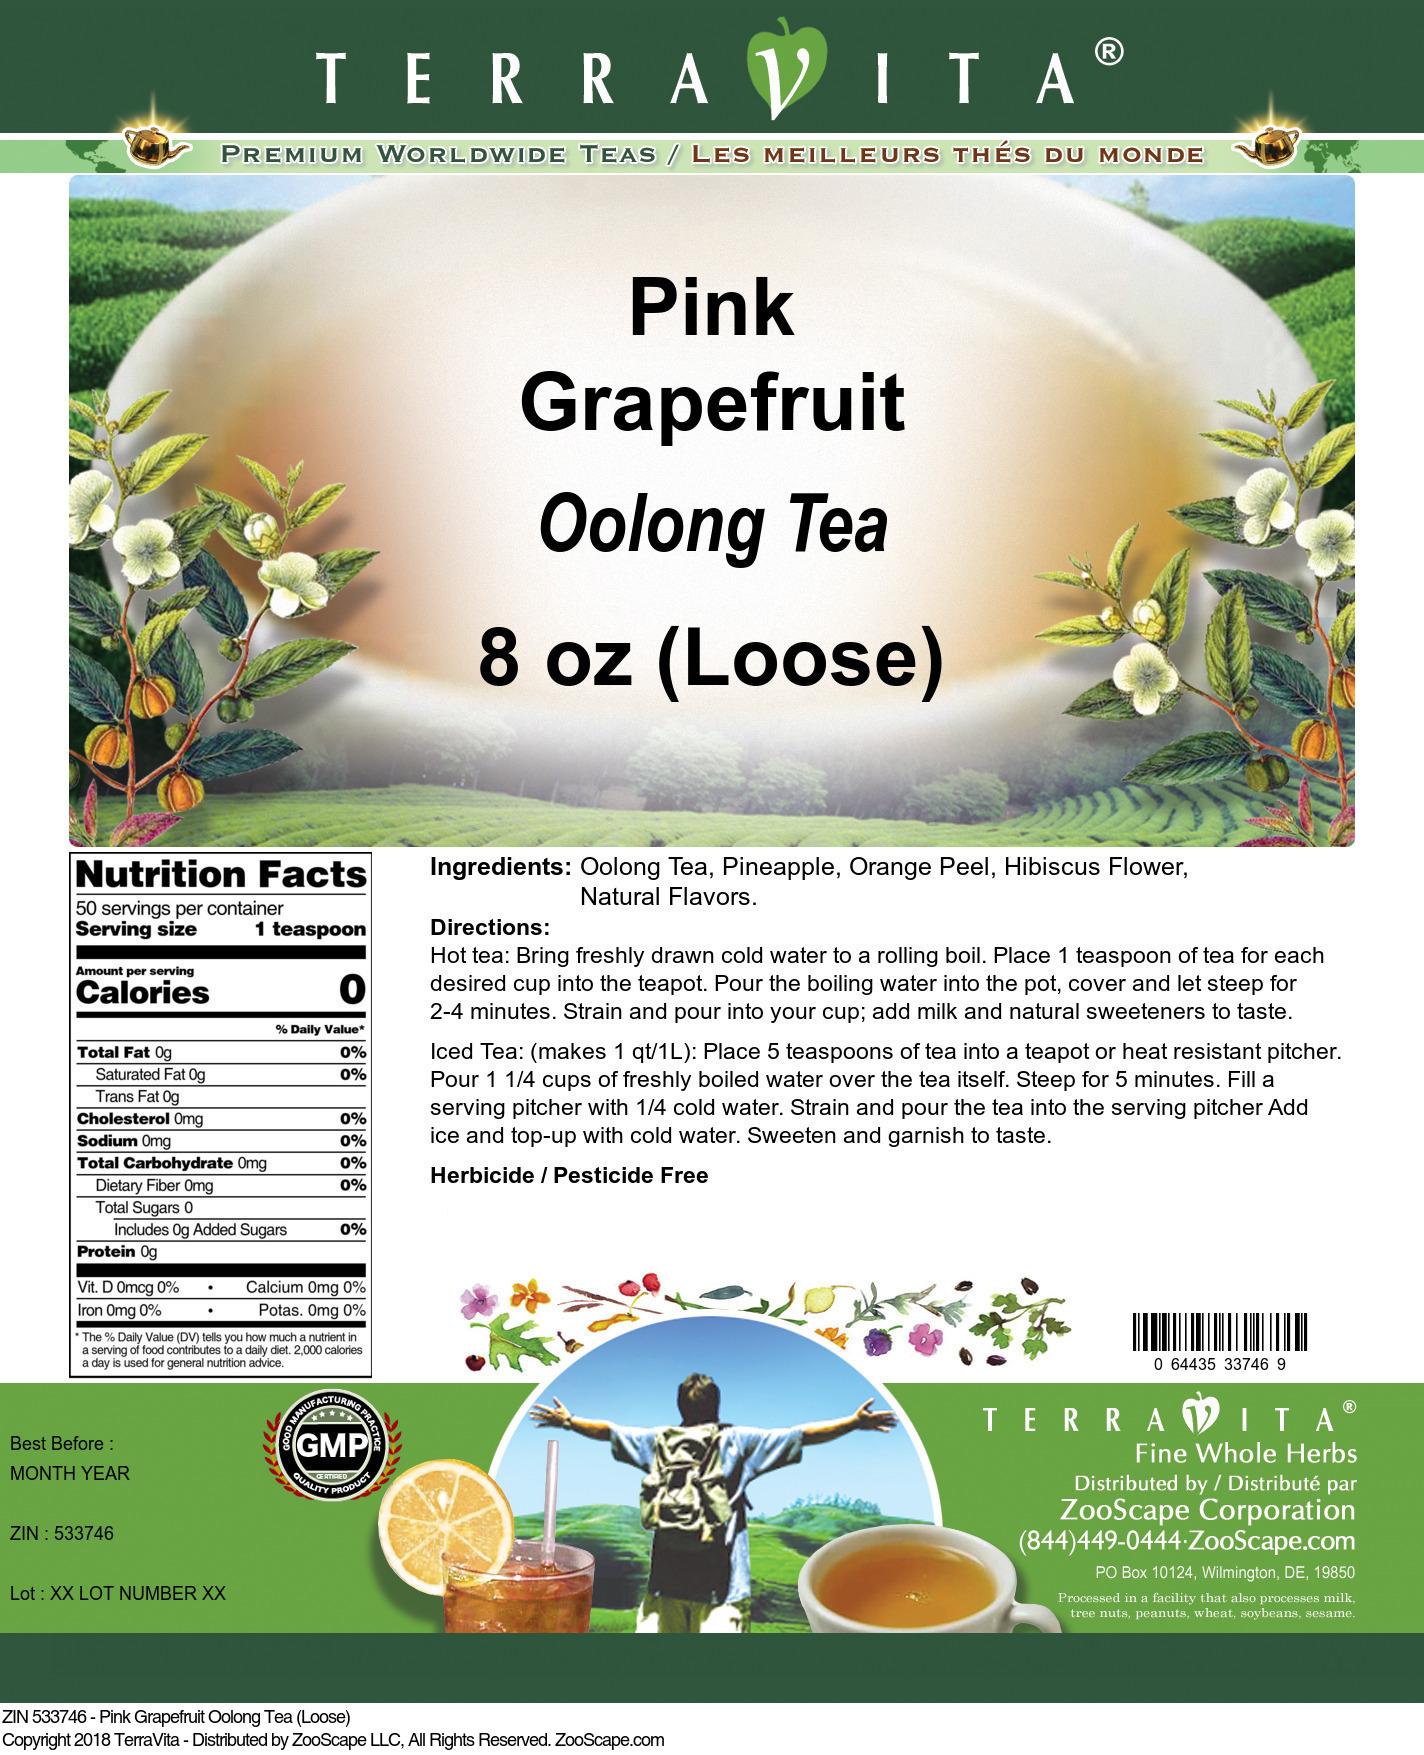 Pink Grapefruit Oolong Tea (Loose)